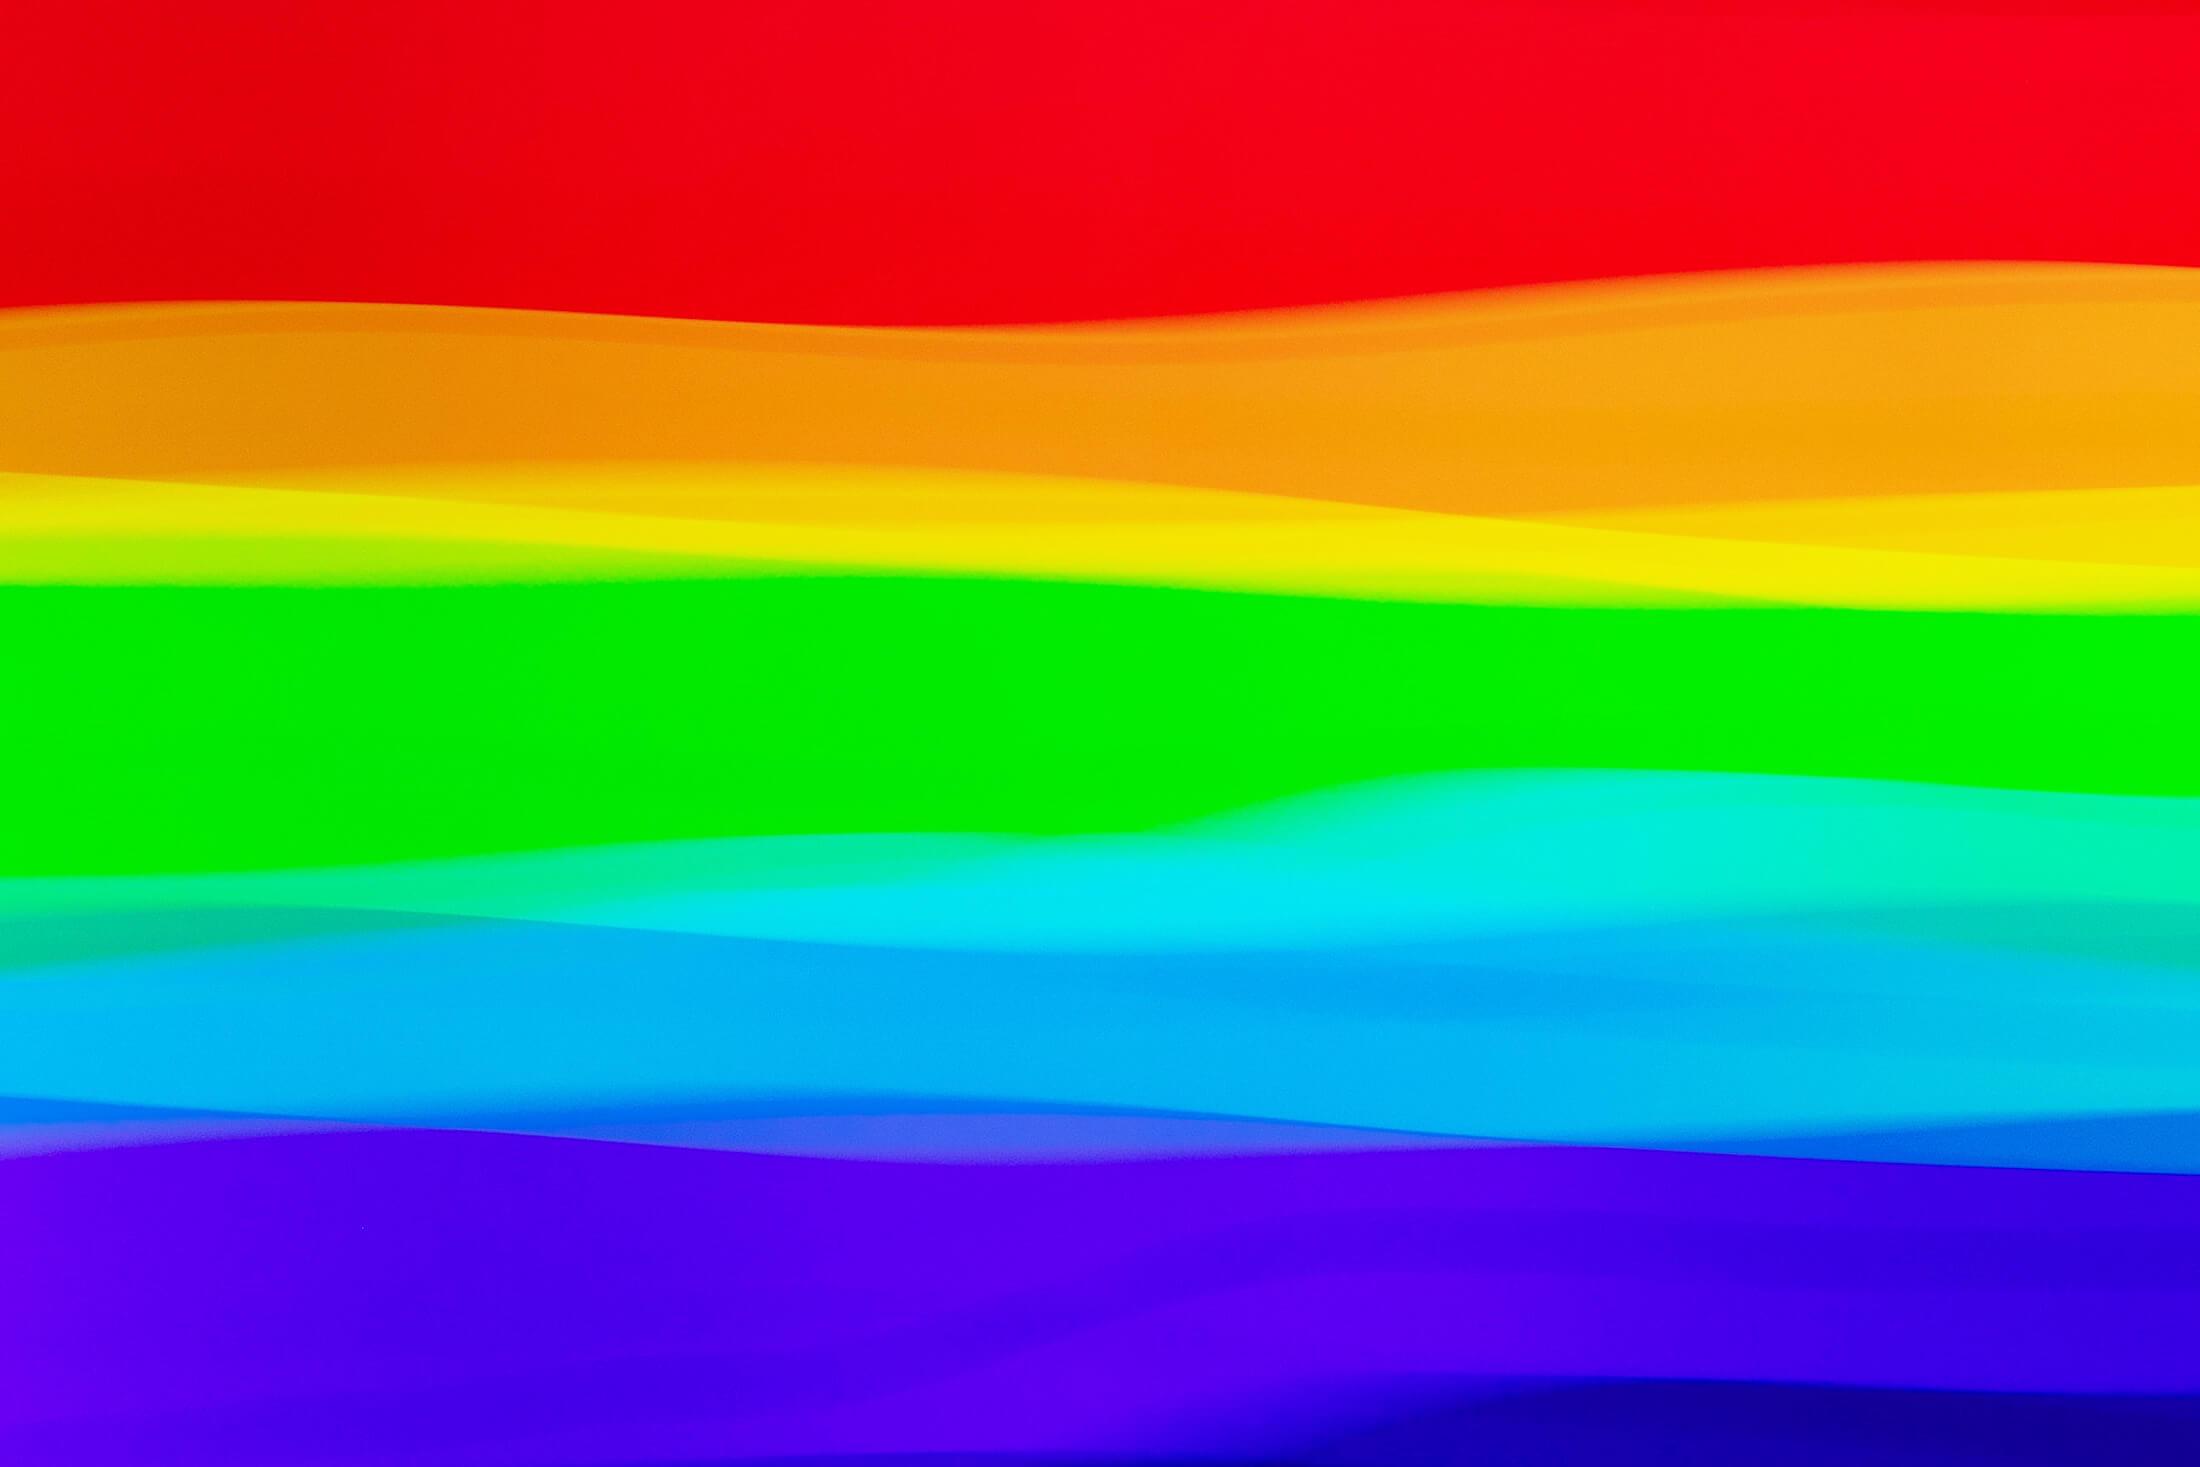 rgb спектр цветов